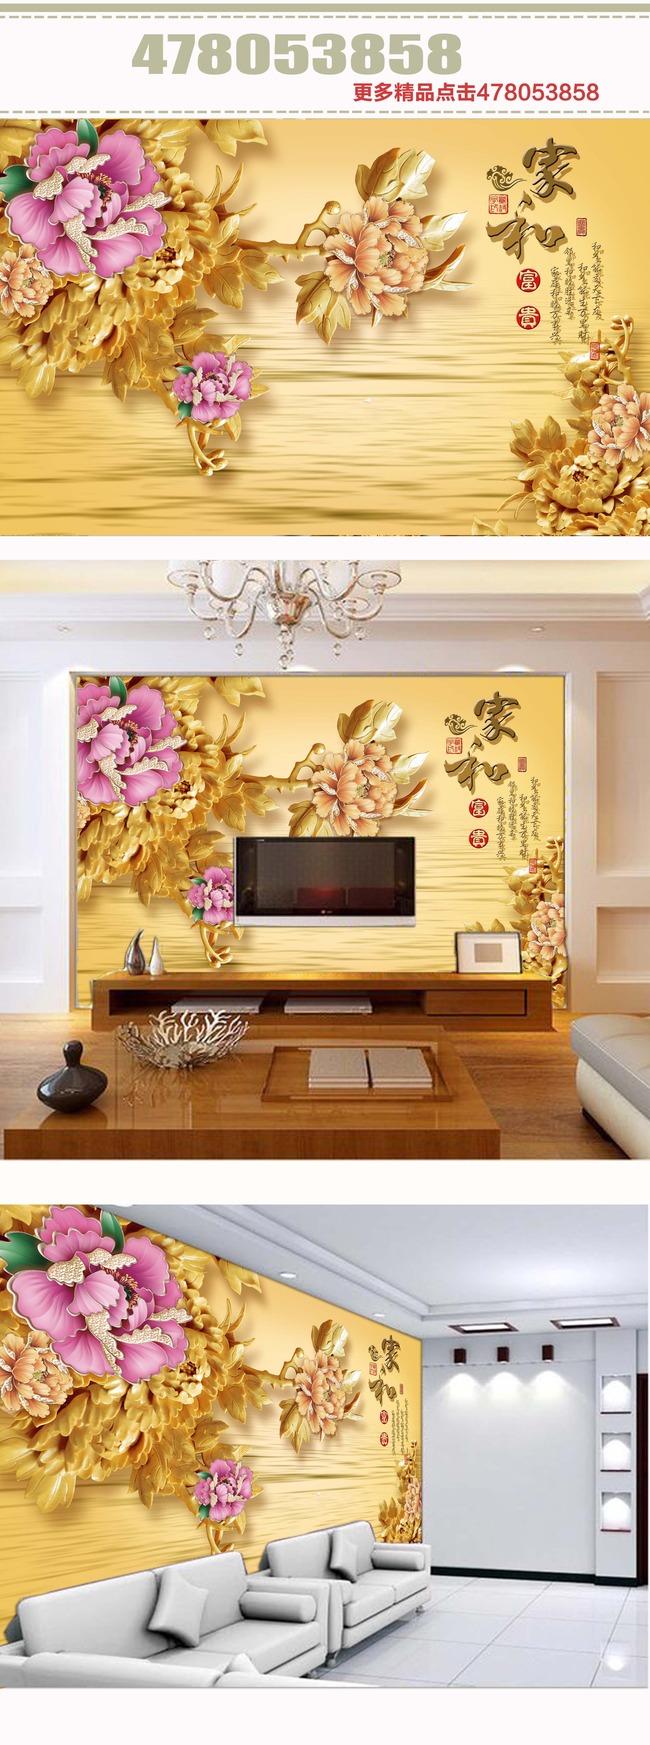 木雕电视背景墙